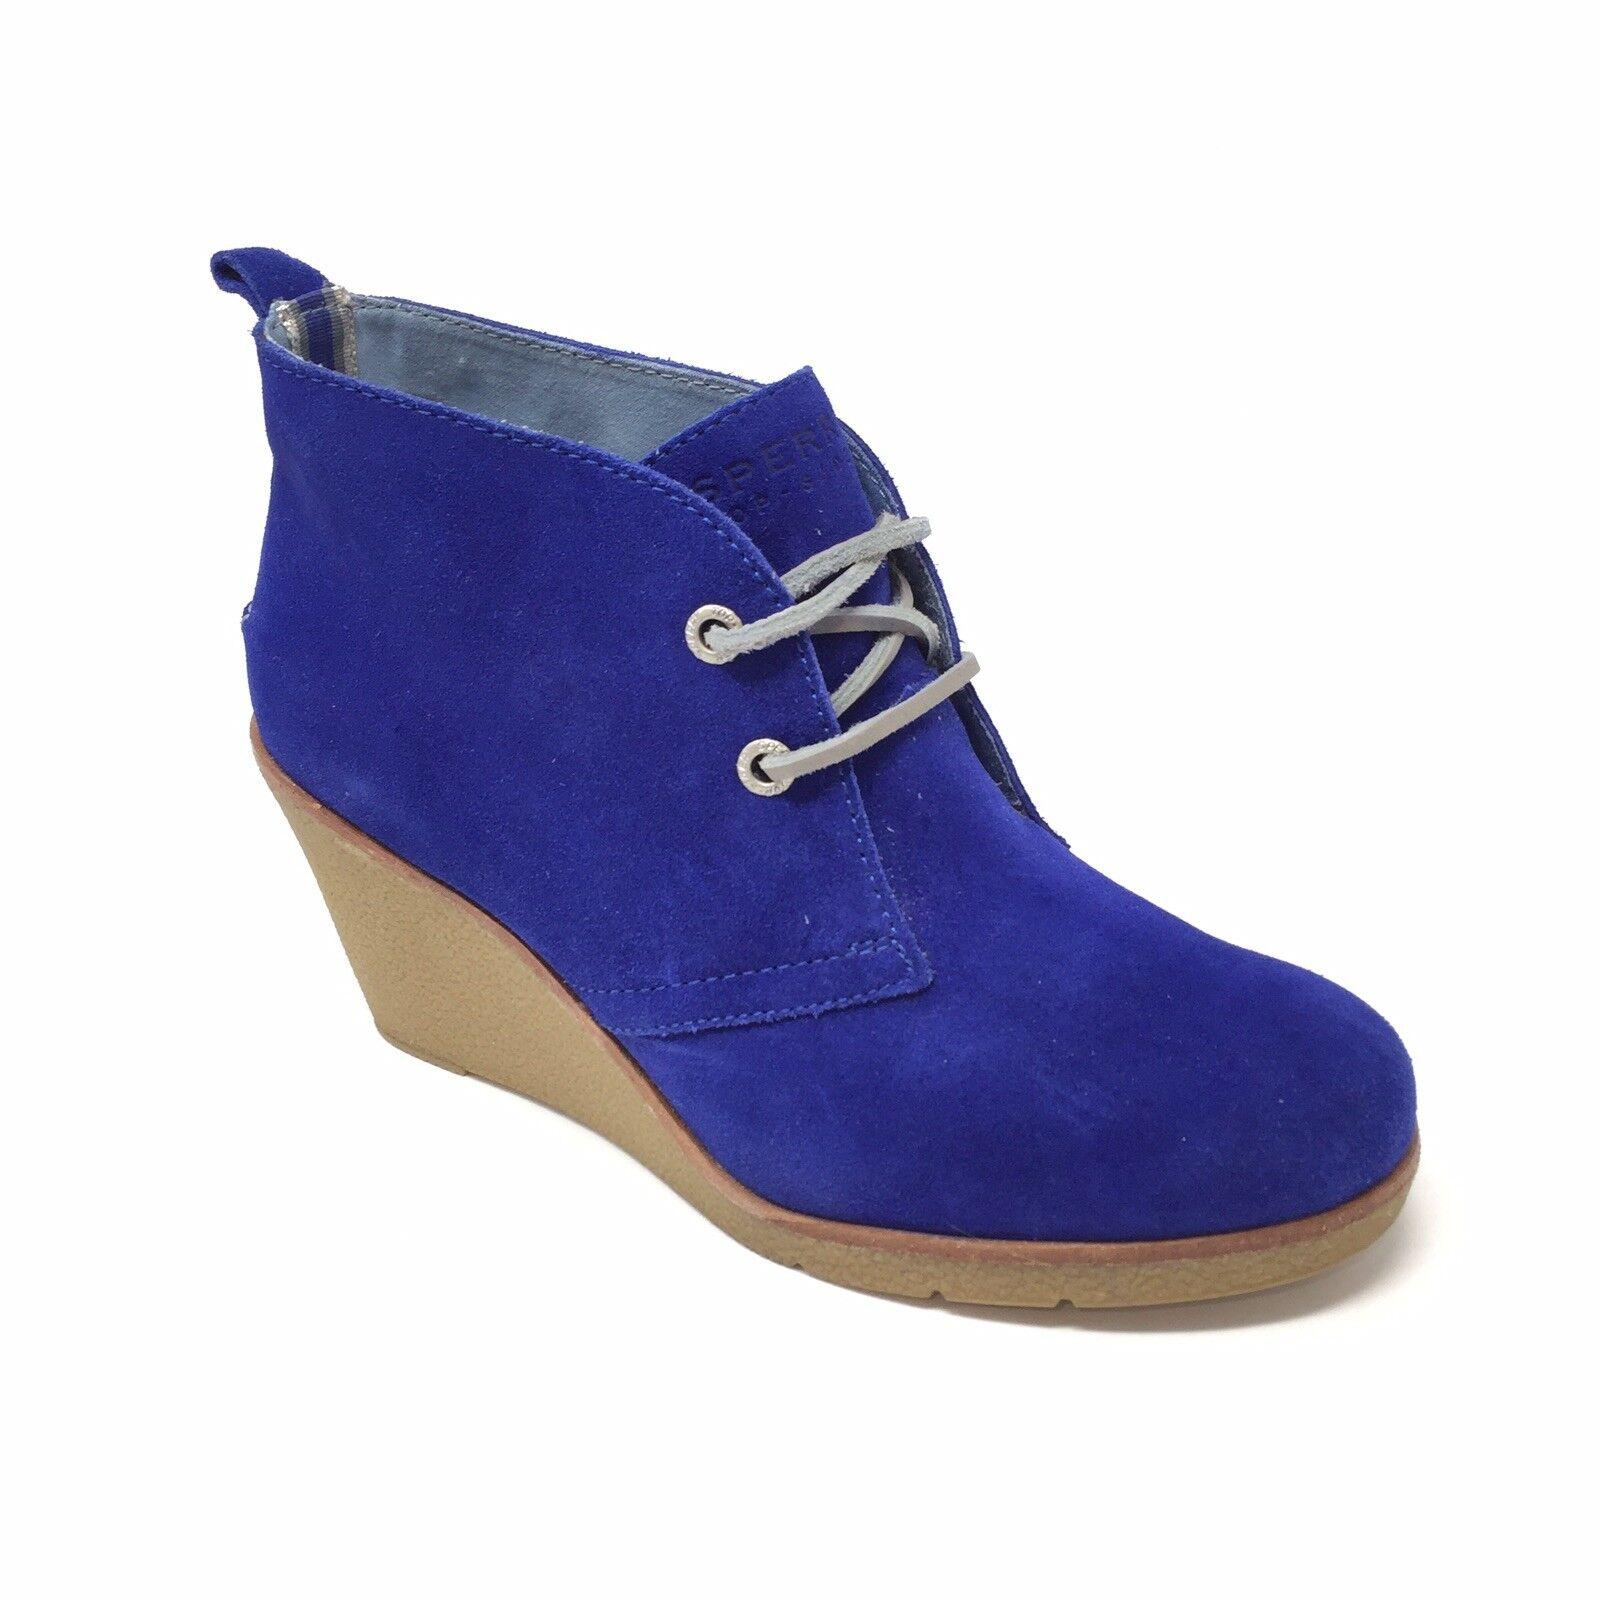 Sperry Harlow Plain Toe Talon Compensé Cheville Pointure 6.5 Bleu cobalt en daim